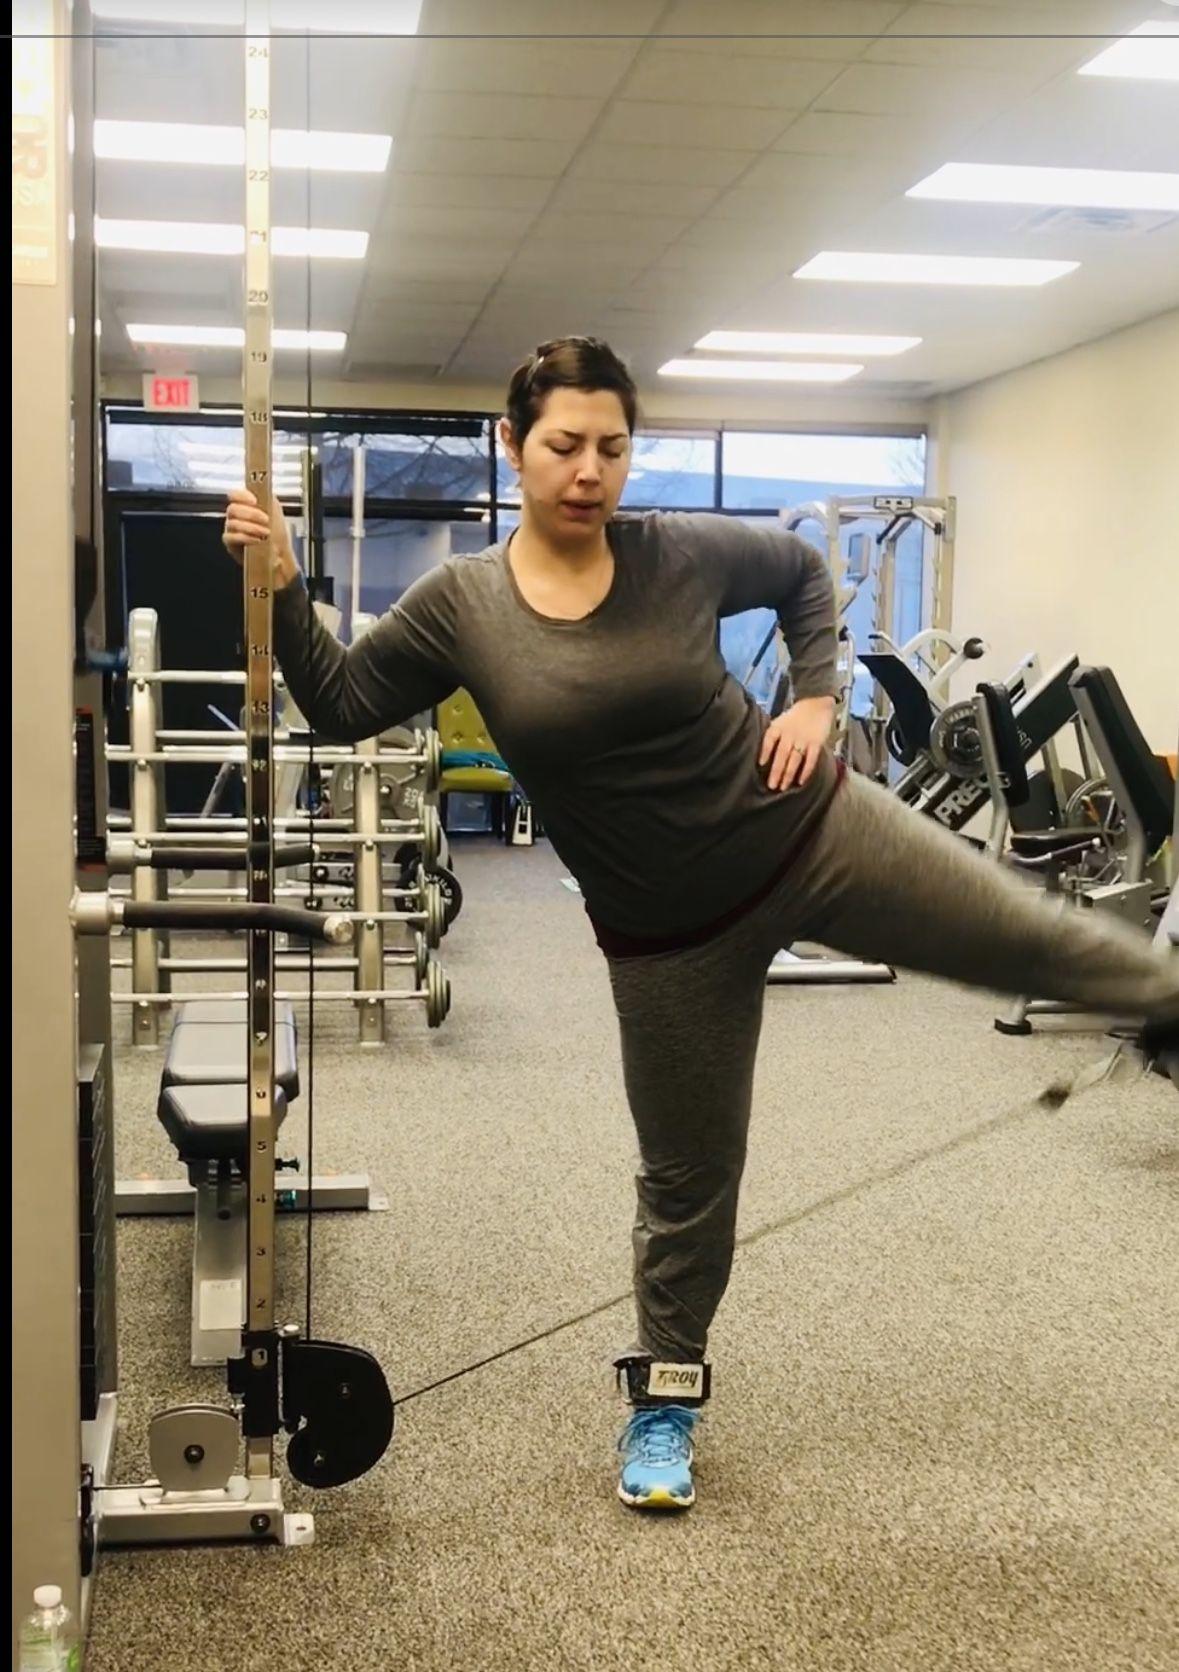 The Extreme Fitness Studio Llc In Shreveport La Extreme Workouts Fitness Studio Personal Training